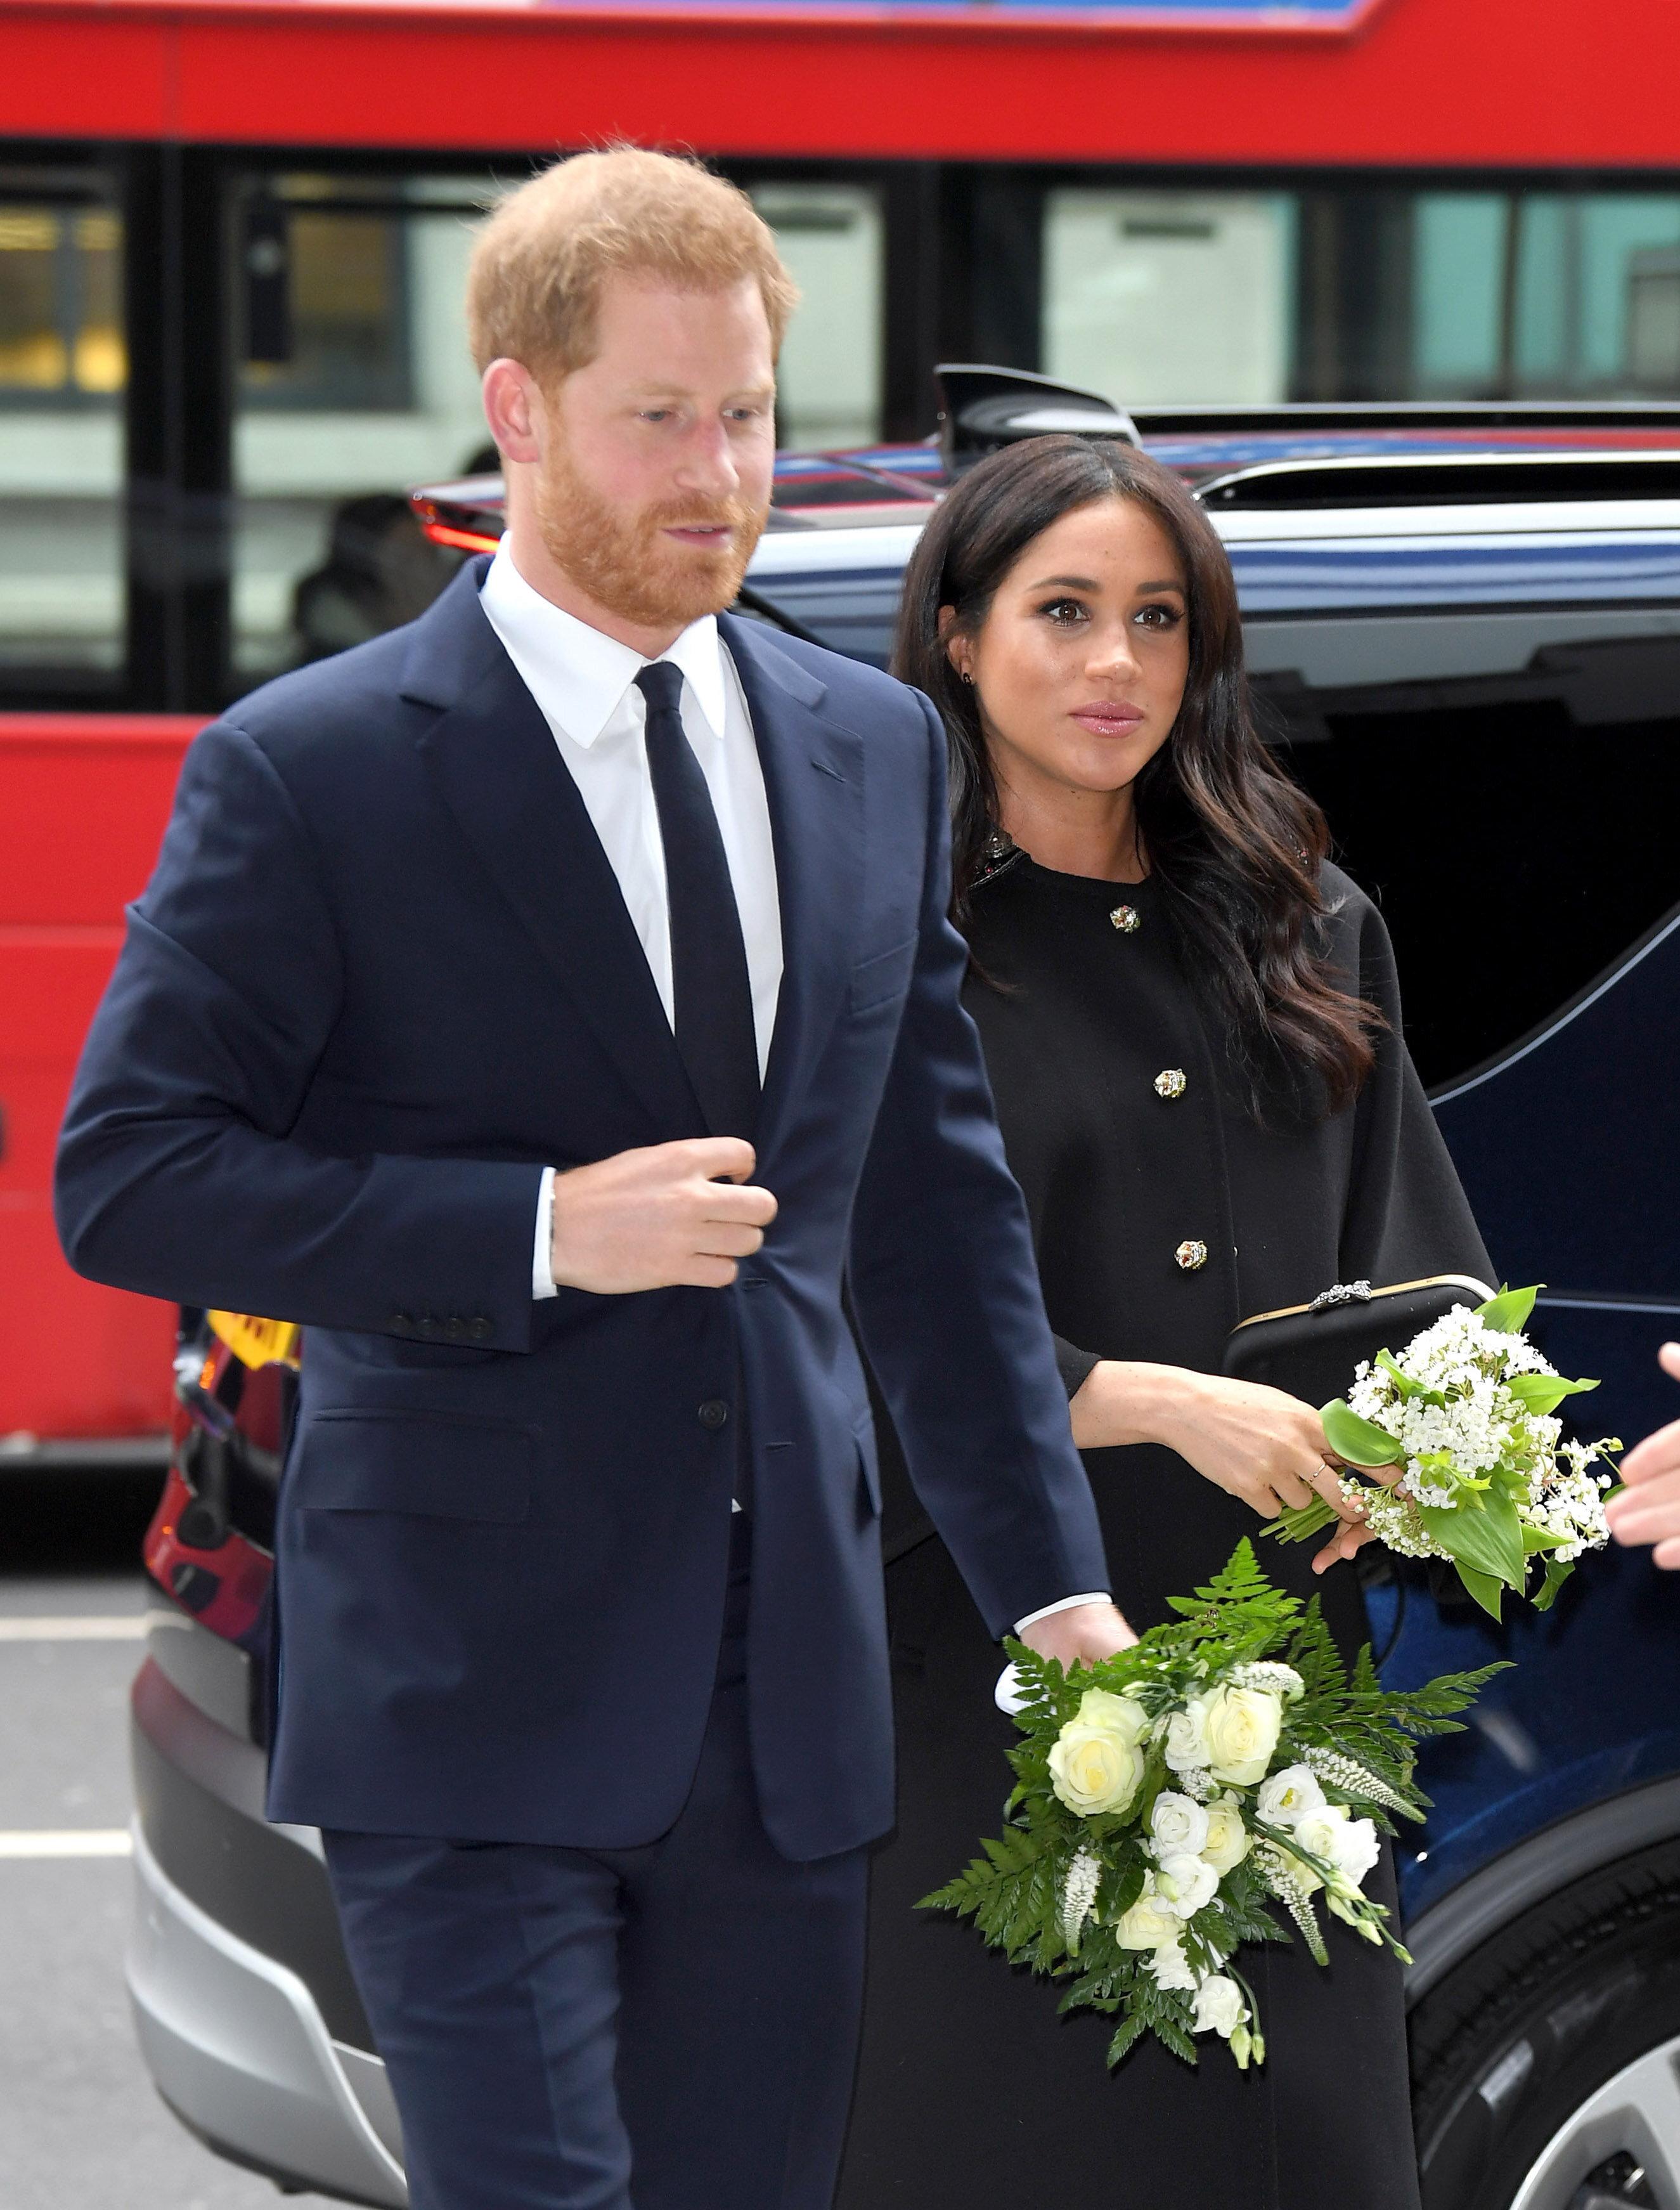 Buckingham Palace habla AL FIN sobre el bebé de Meghan Markle y el príncipe